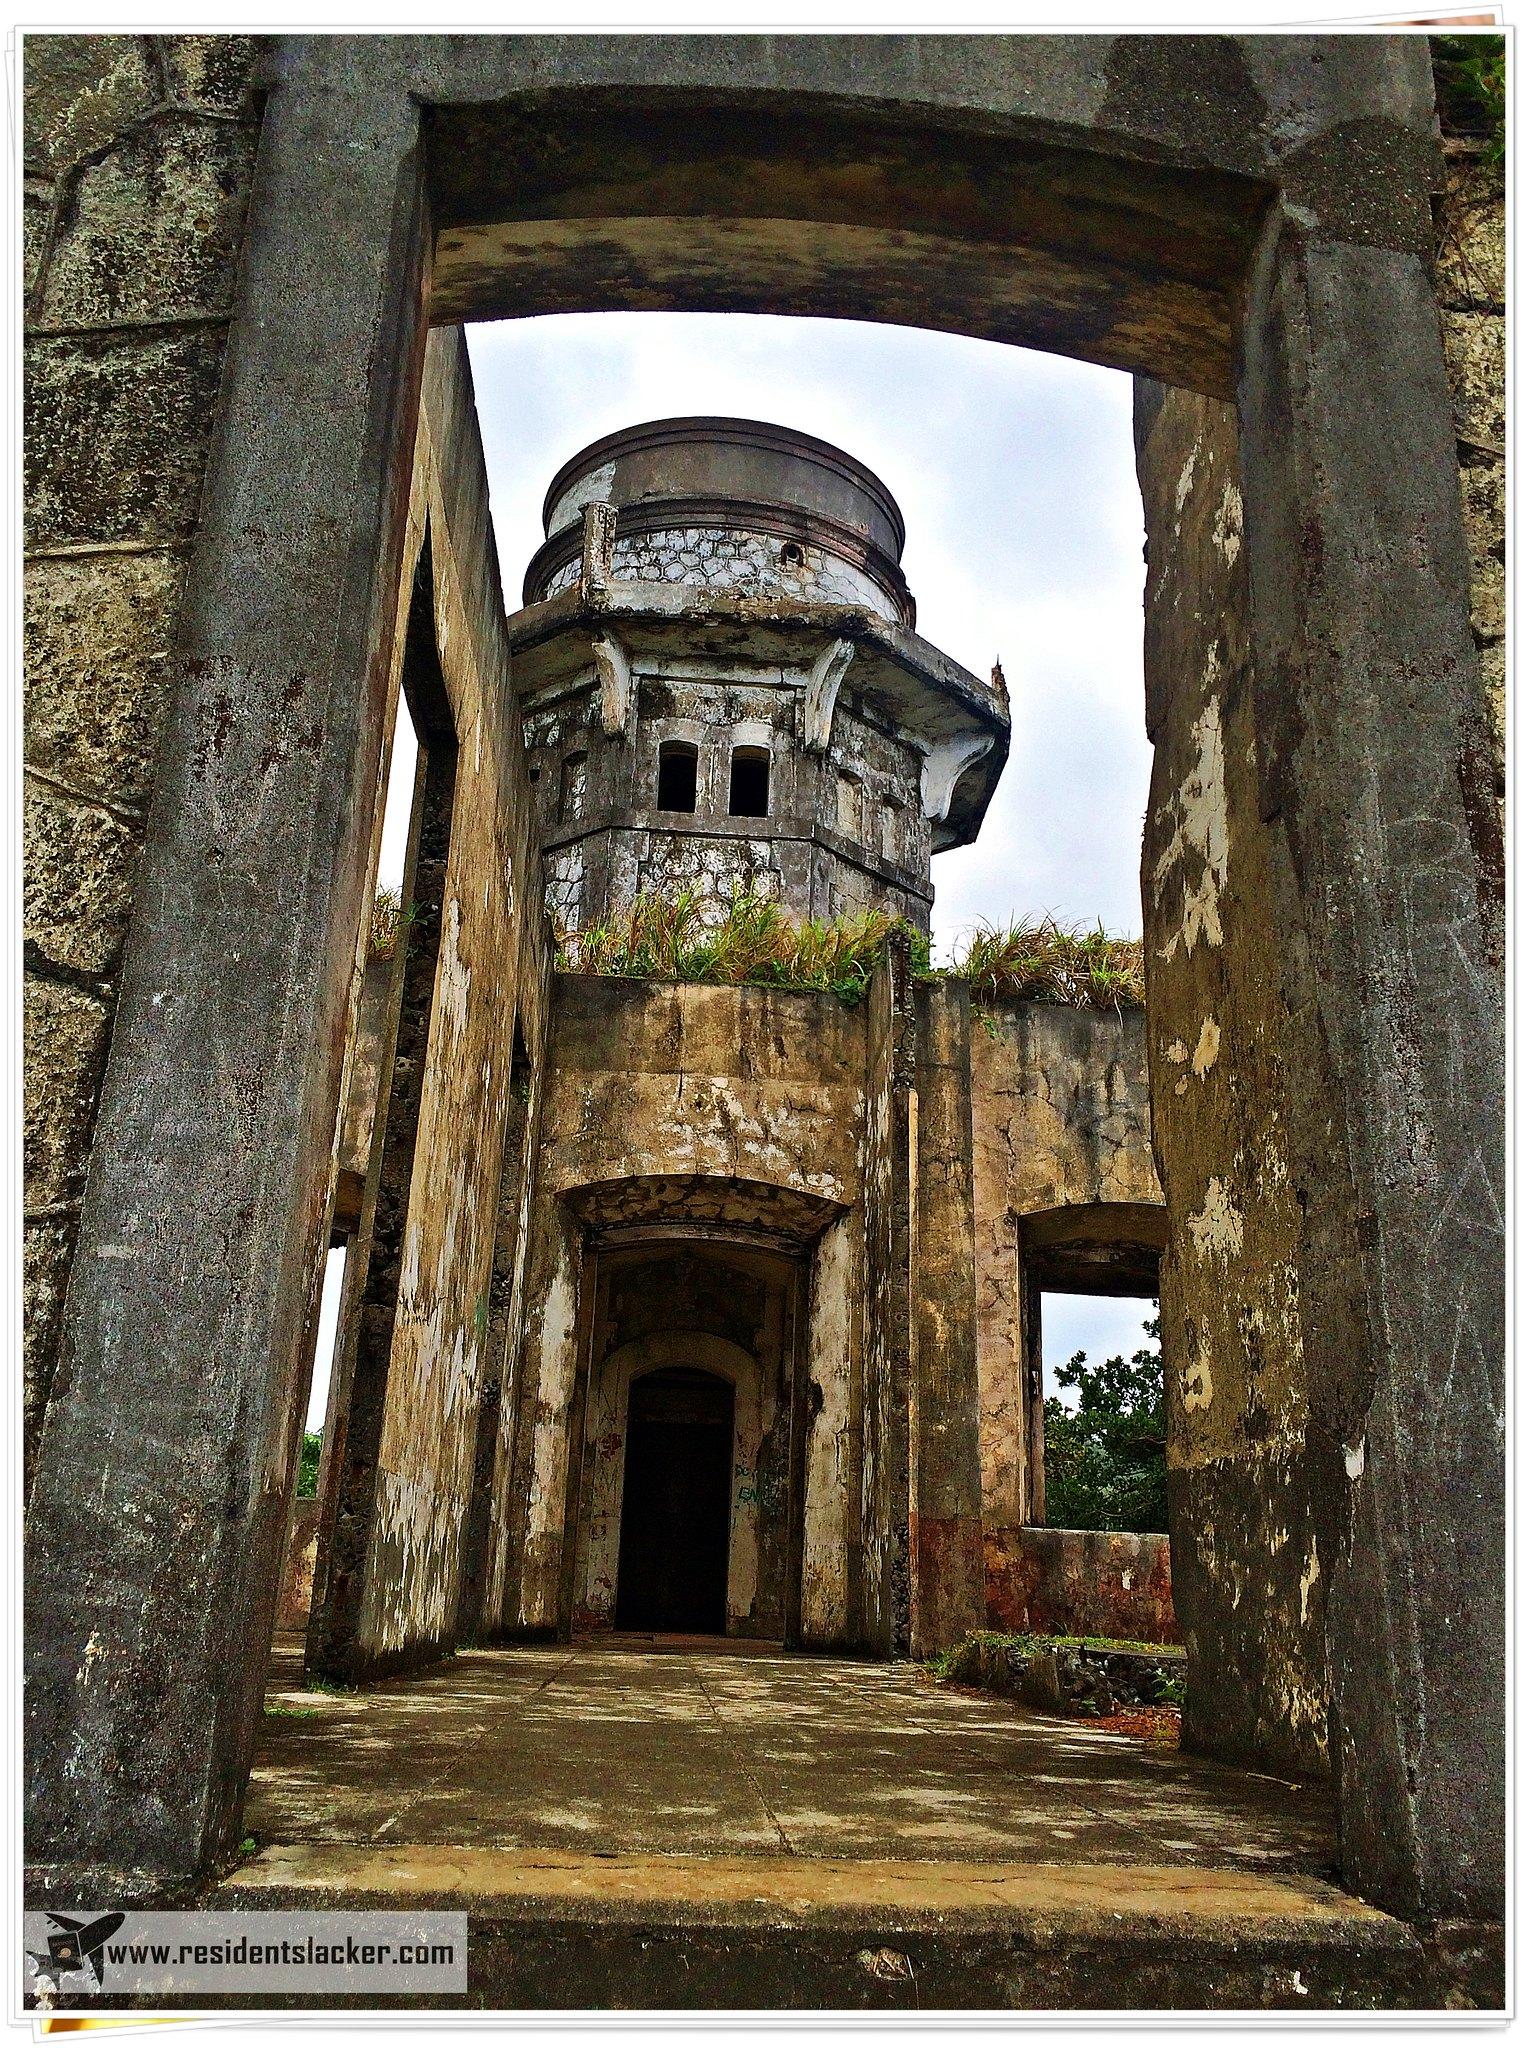 Cape Engano Lighthouse, Palaui, Cagayan Valley, PH - 2015